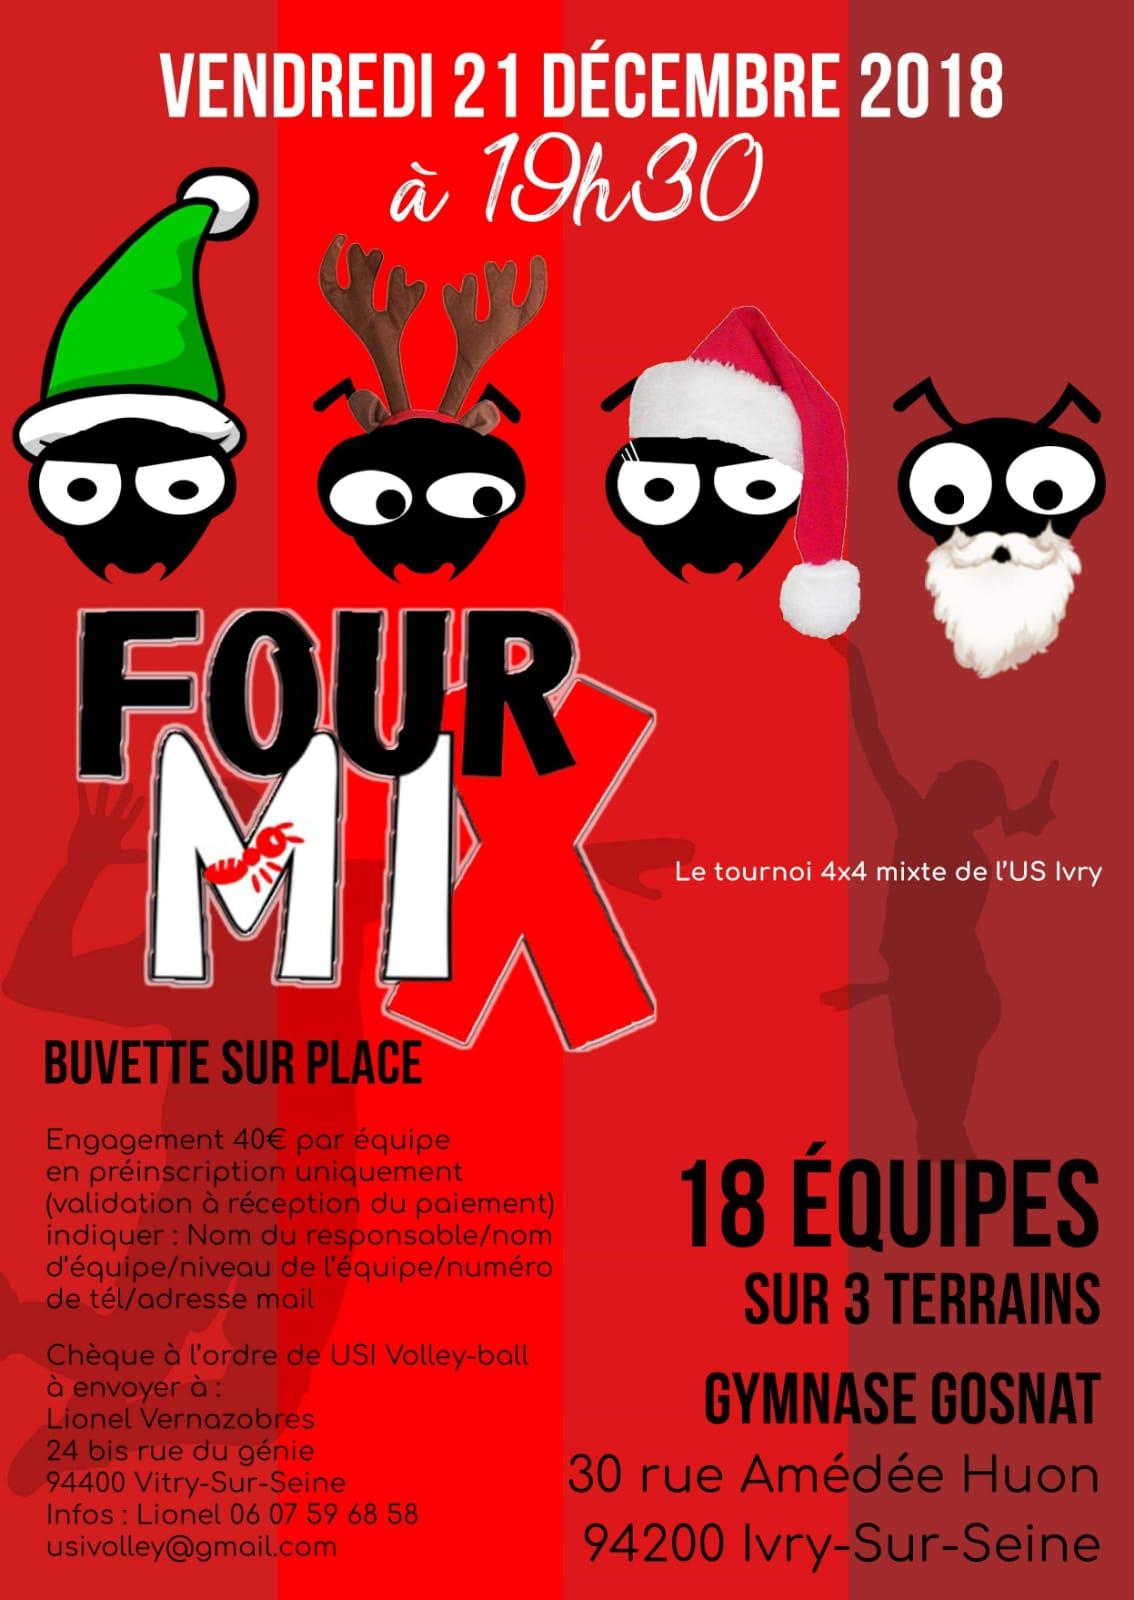 Résultat Tournoi Nocturne Fourmix 2018